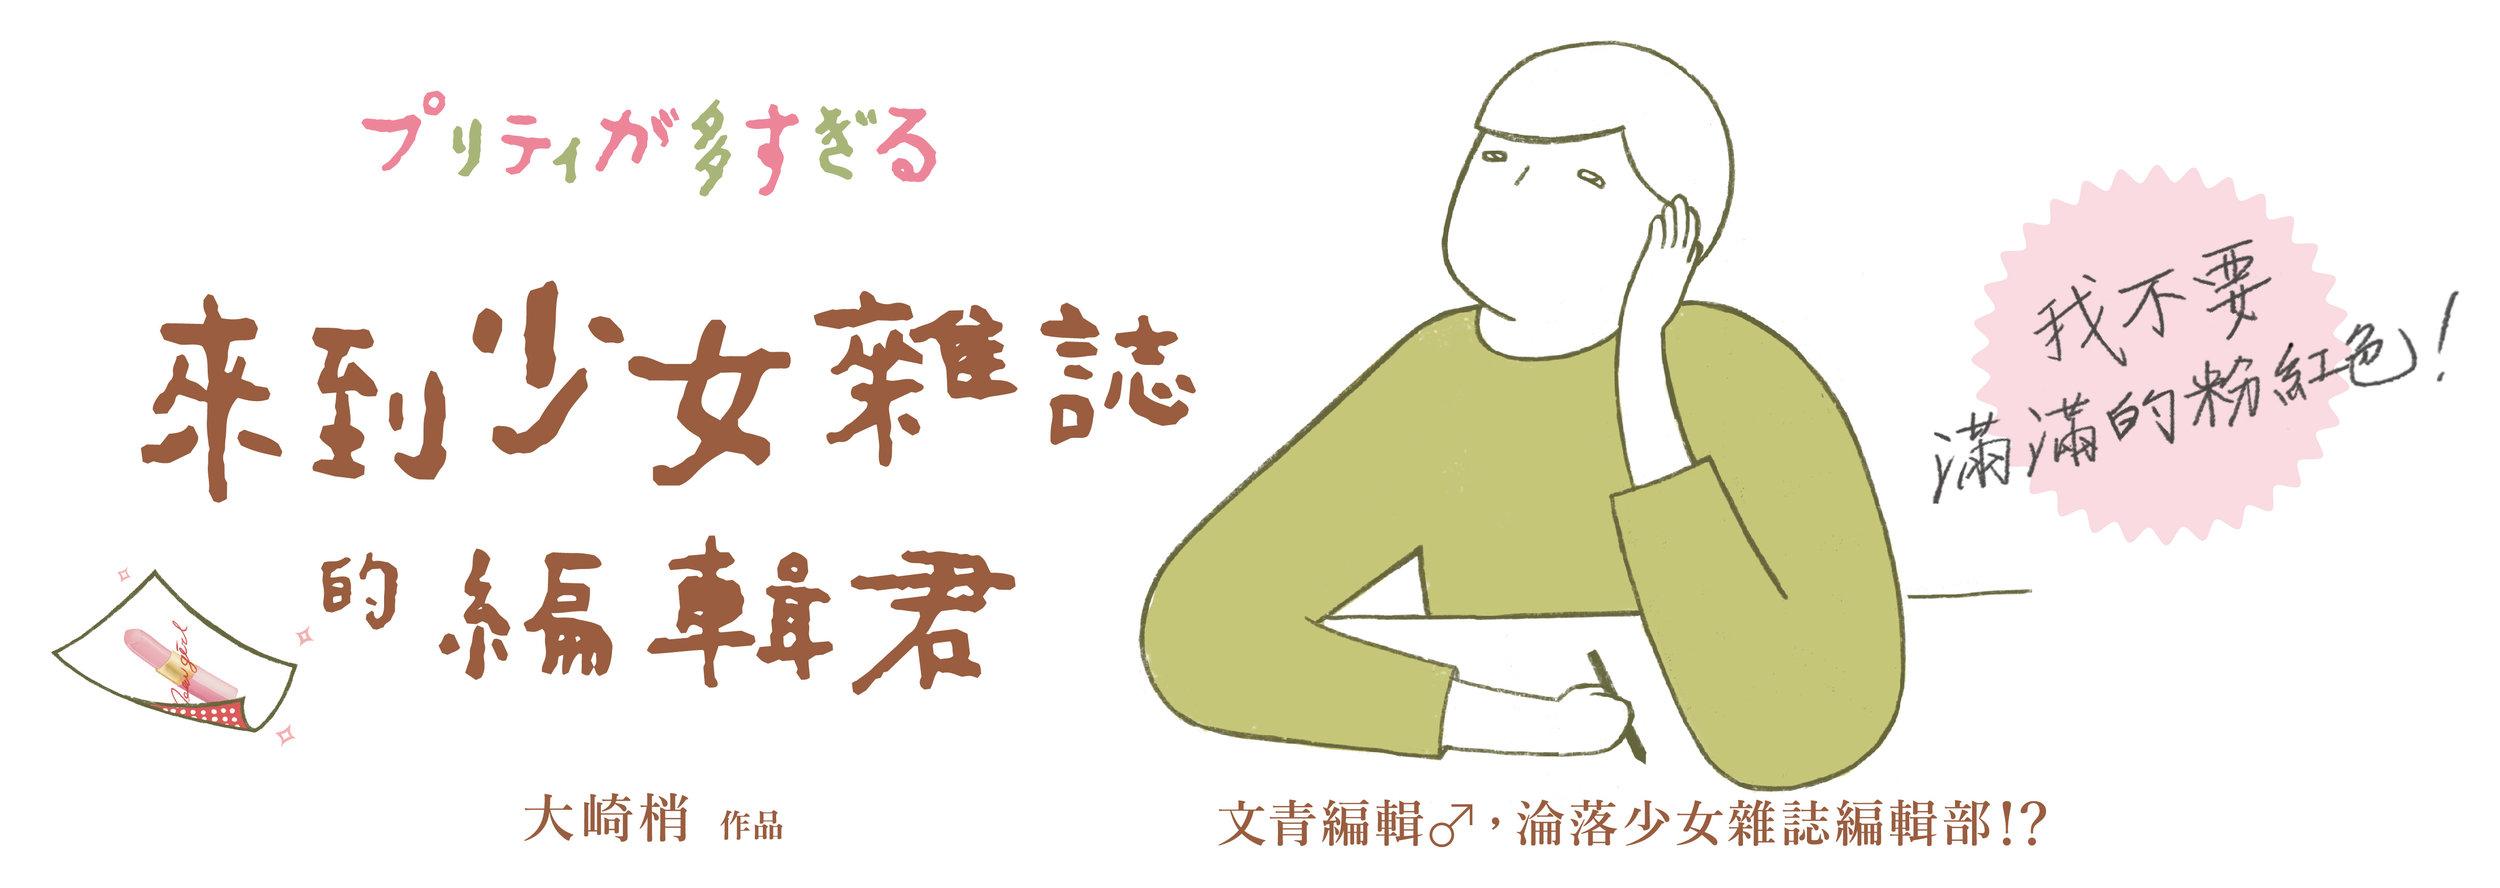 《來到少女雜誌的編輯君》KKTV Blog圖-2.jpg